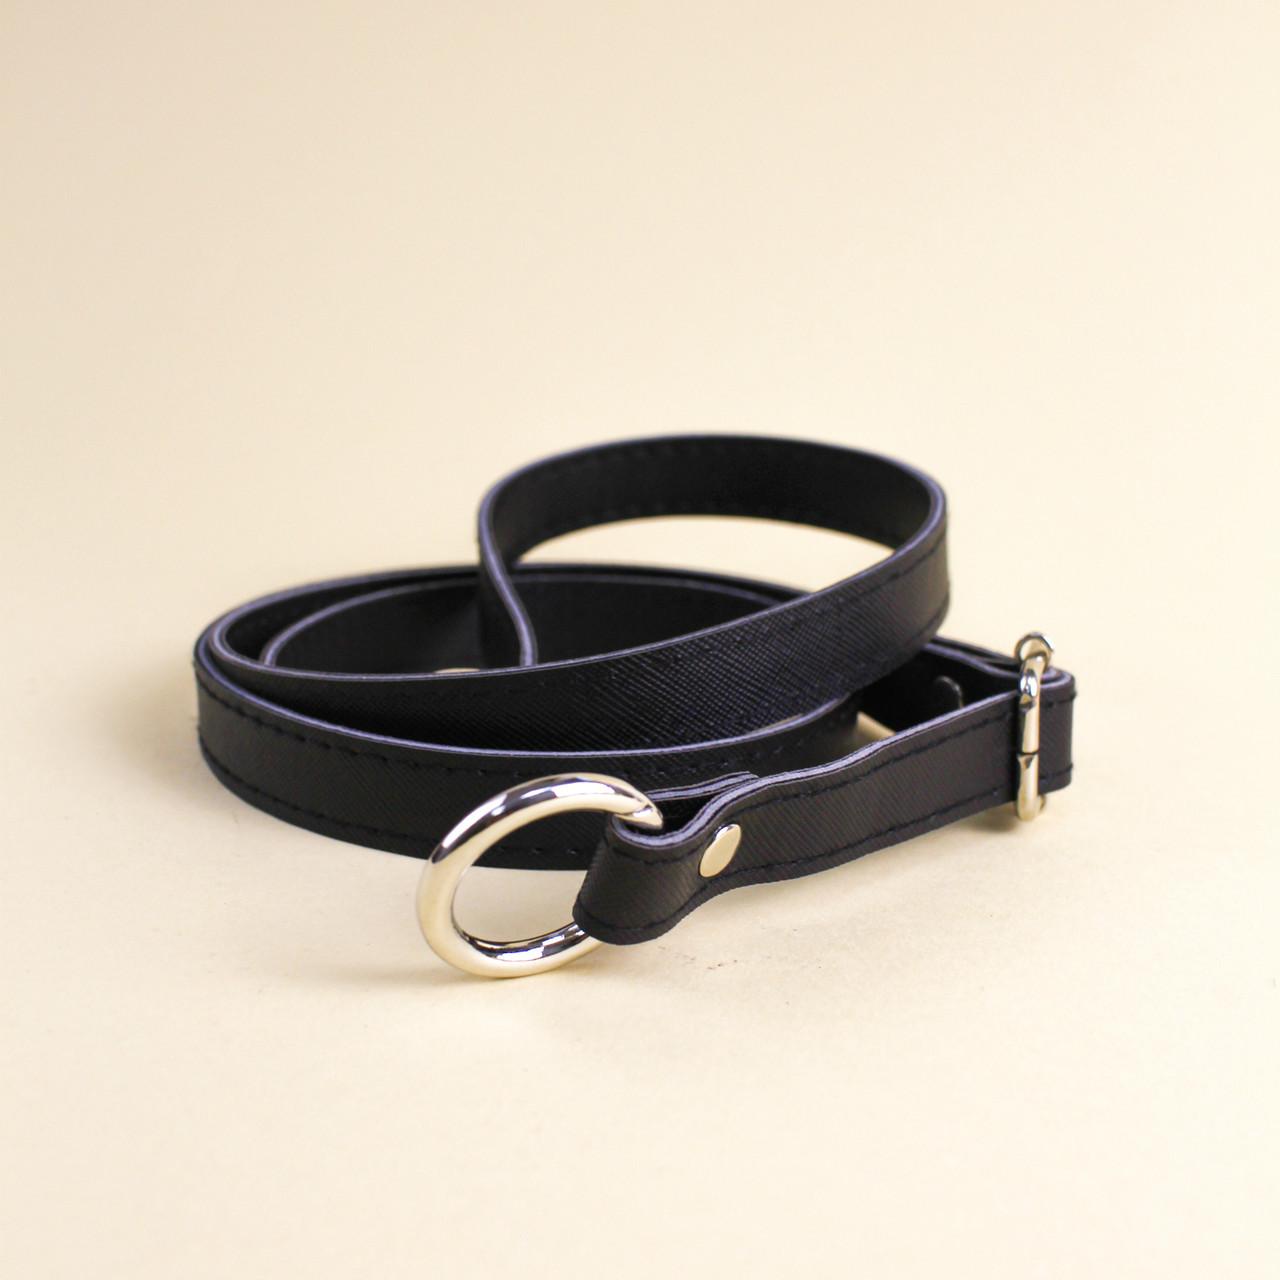 Ручка для сумки экокожа Черная, 68-126 см, на кольцах-карабинах